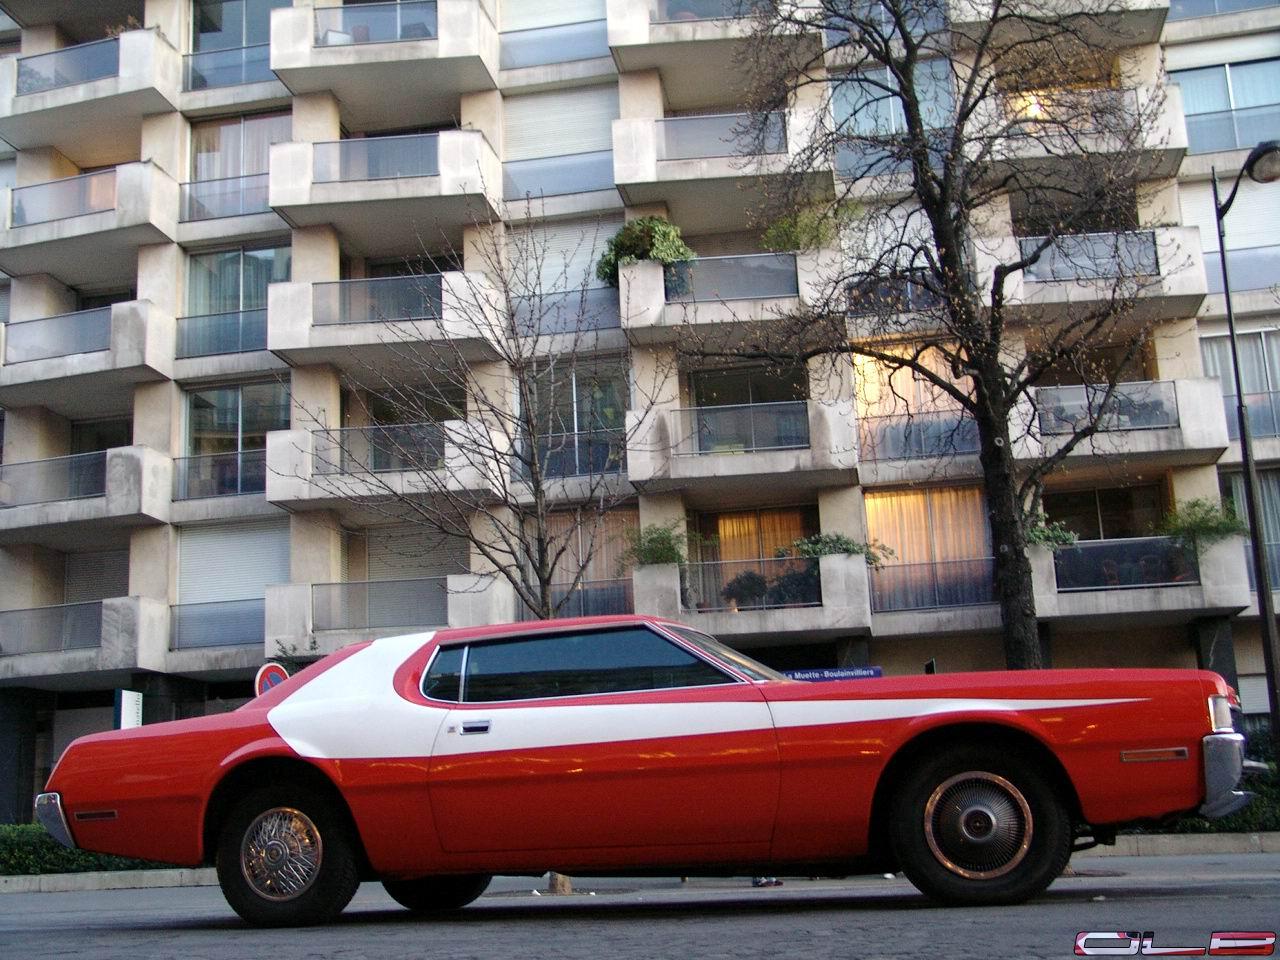 S0-La-photo-du-jour-Cadillac-Starsky-et-Hutch-58274